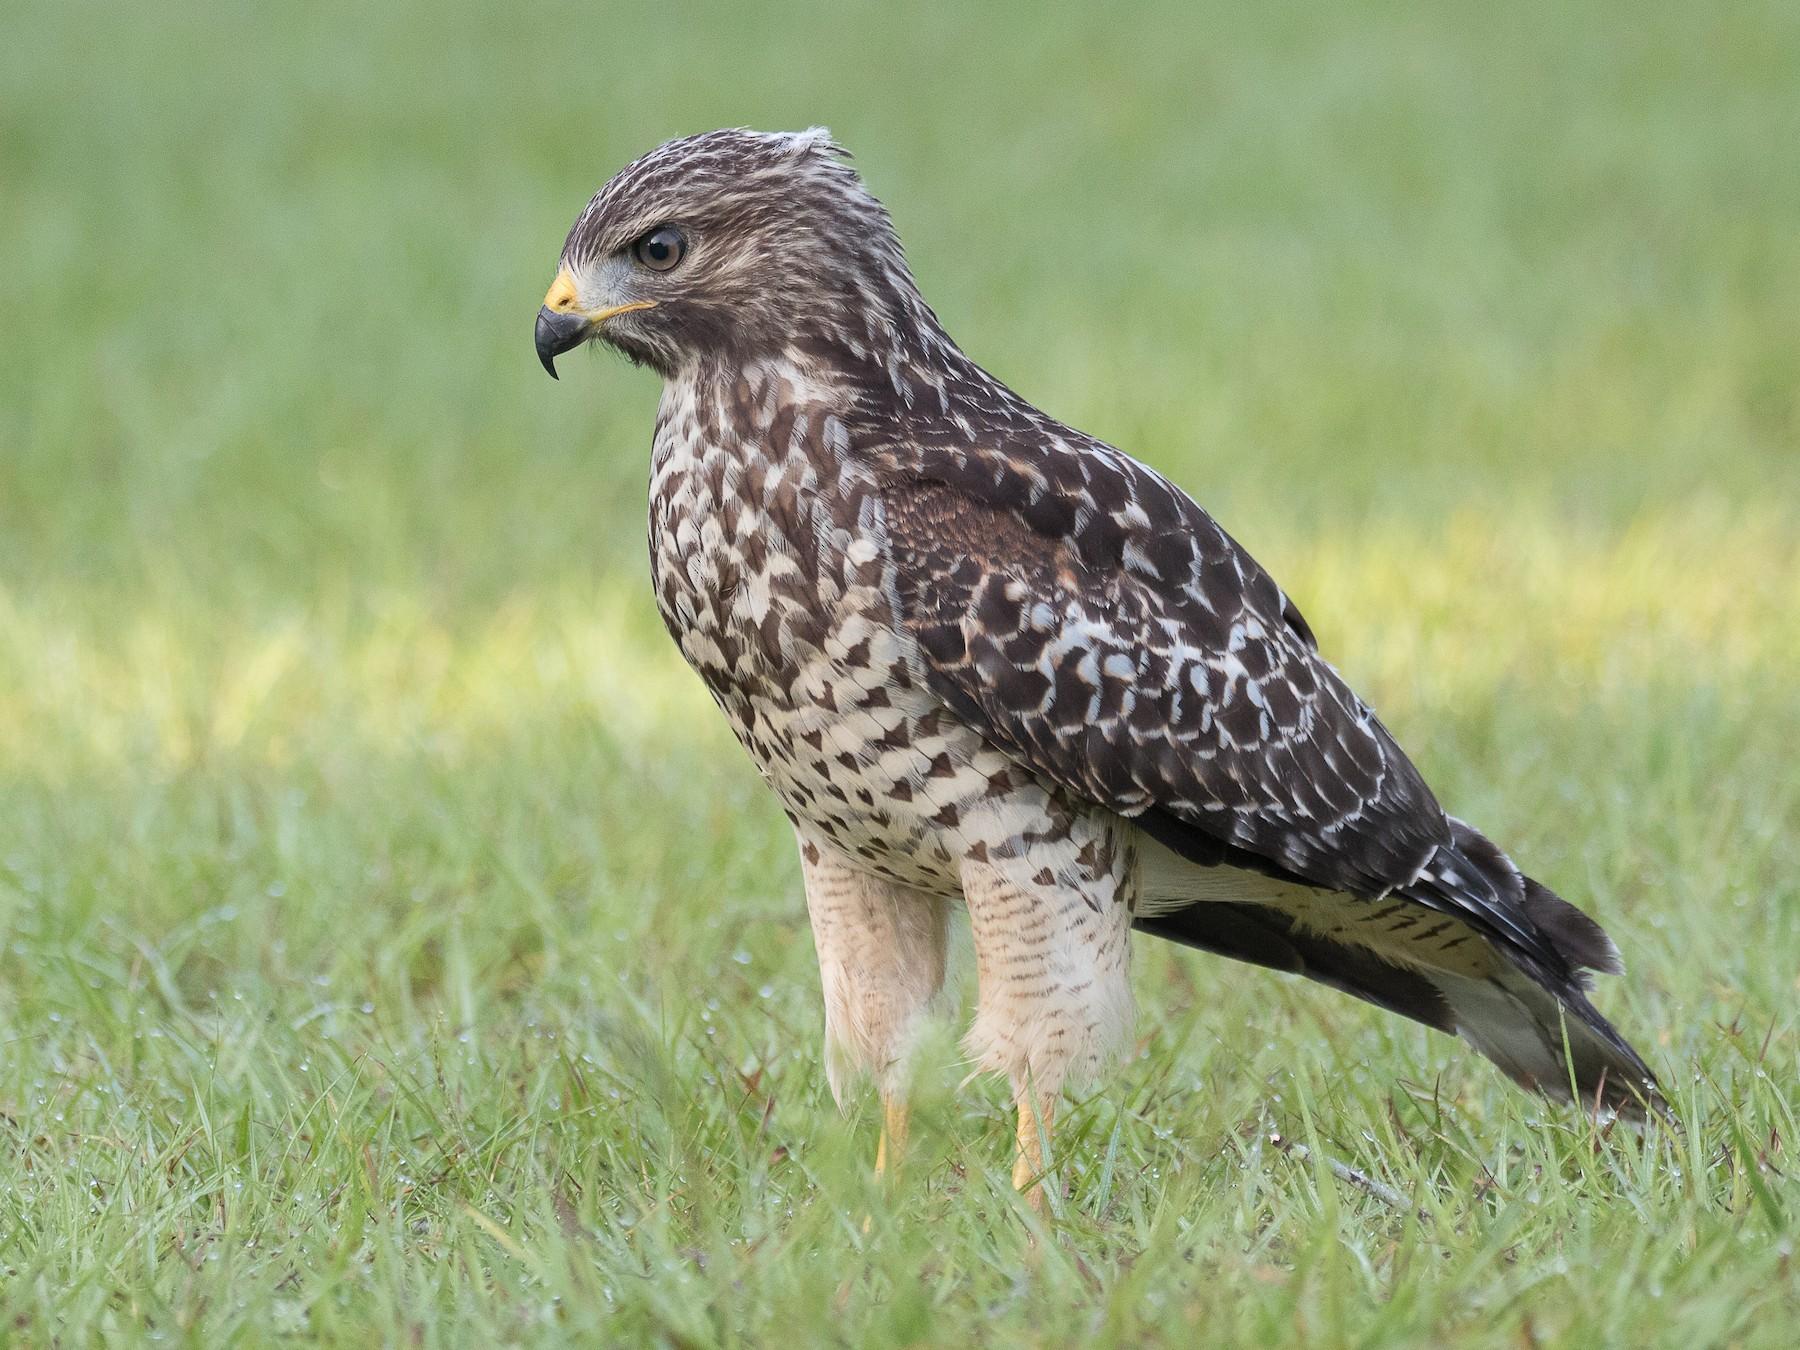 Red-shouldered Hawk - Lynette Spence